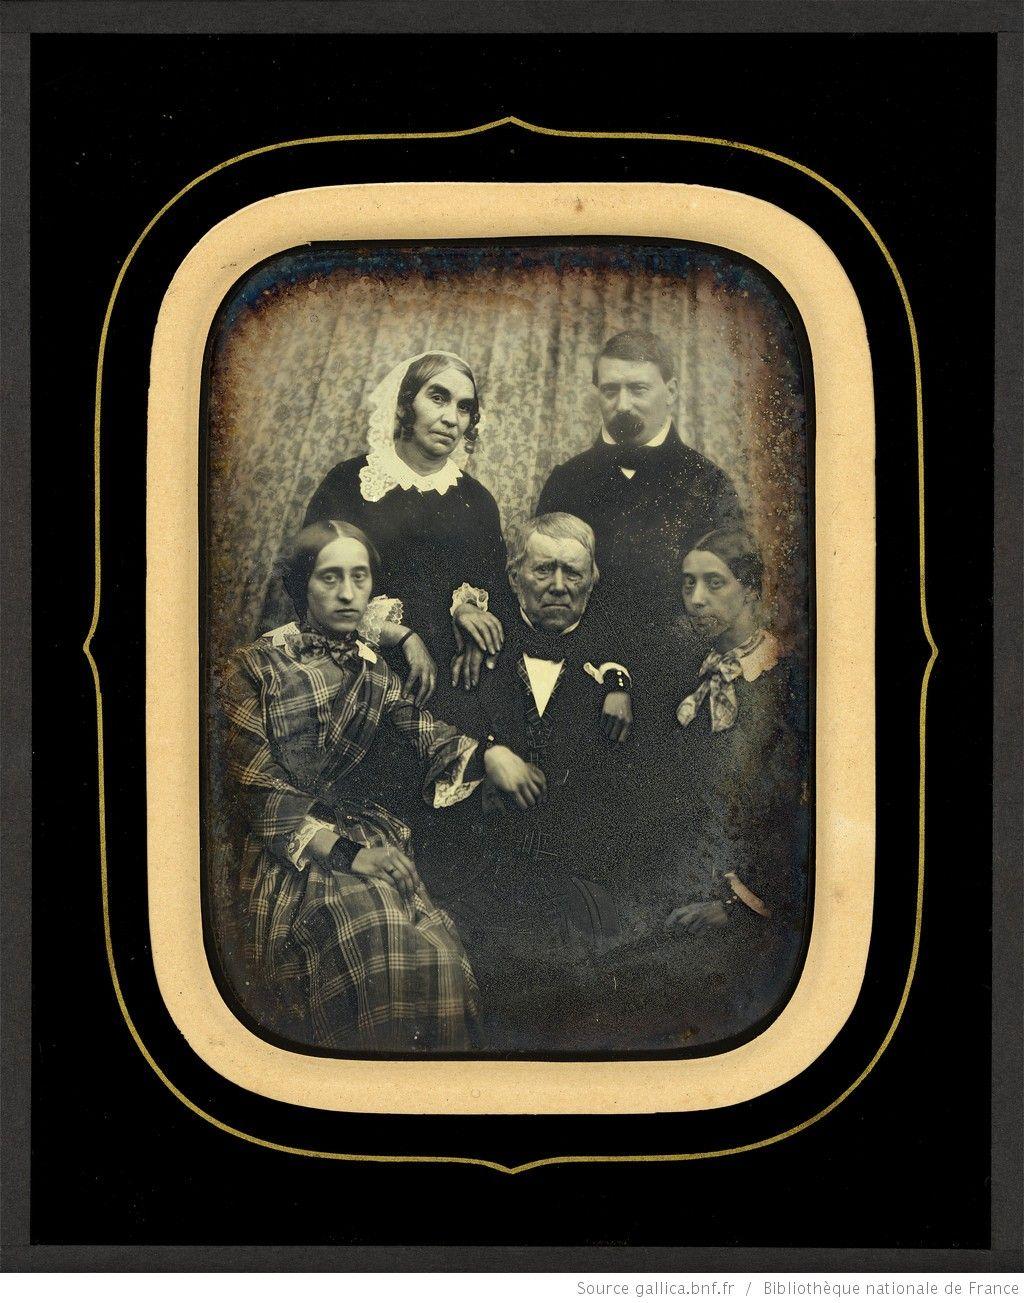 [Portrait de groupe : trois femmes et deux hommes posant devant un rideau] : [photographie] / Non identifié